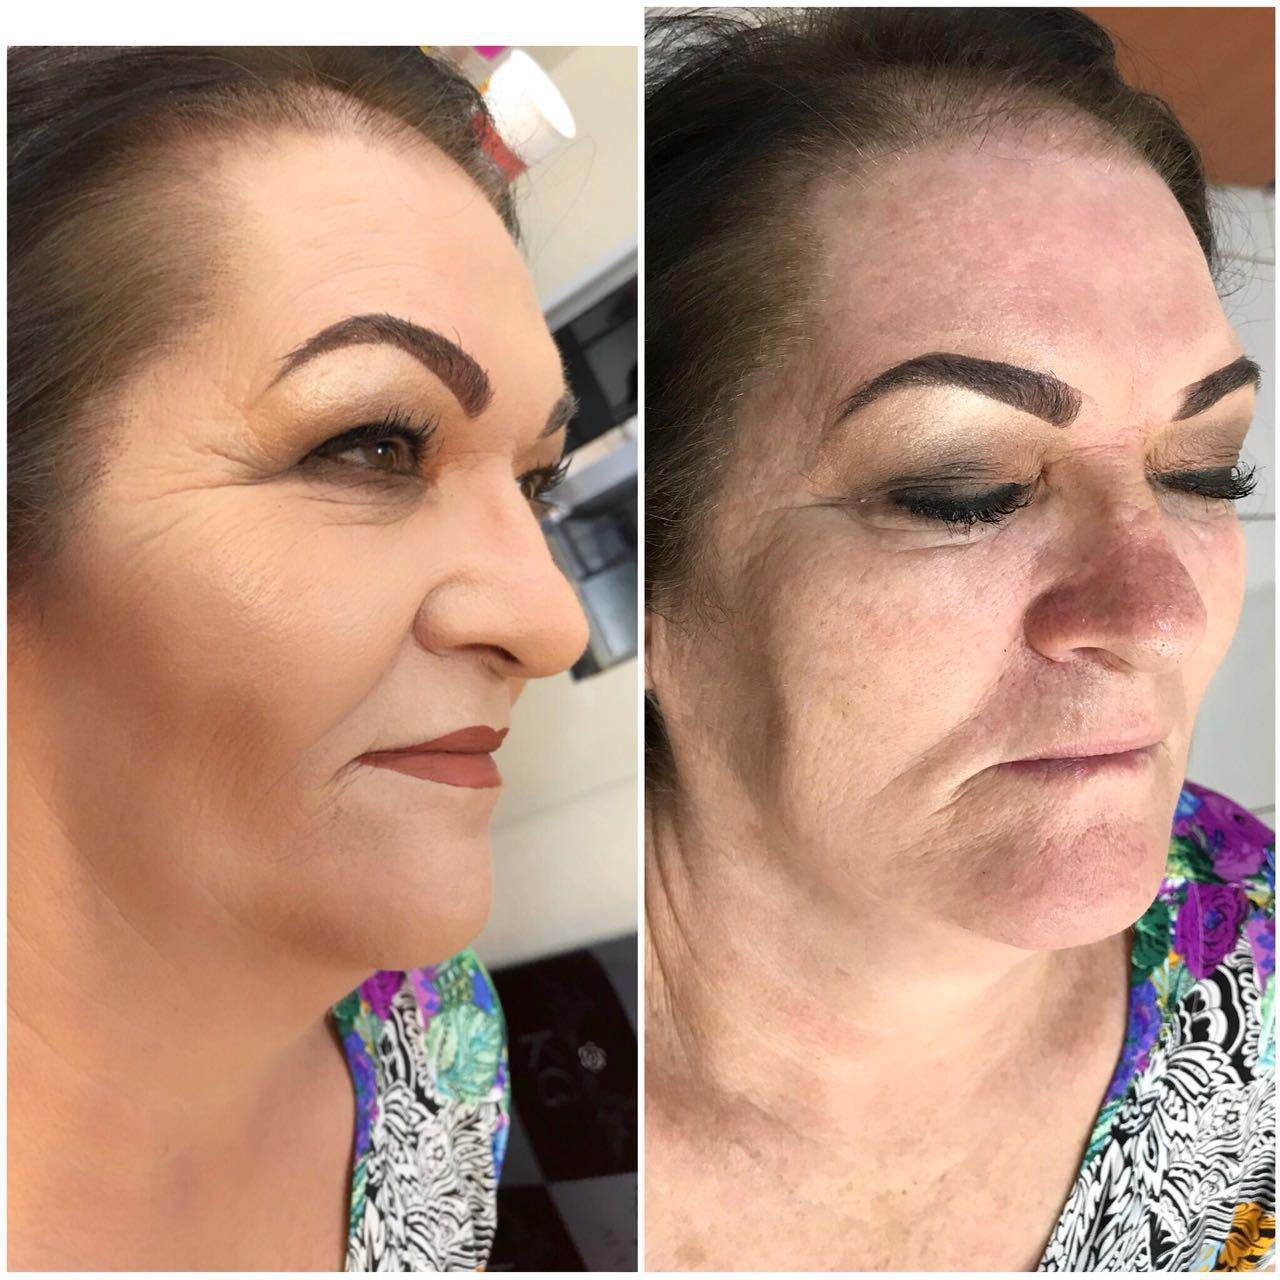 Agende já seu horário minha linda!!! whatsapp (38) 99817-4855 instagran @kellygalvagni_ #maquiagemluxo_oficial #make #maquiagemfesta #maquiagemx #maquiagembrasil maquiagem maquiador(a) designer de sobrancelhas